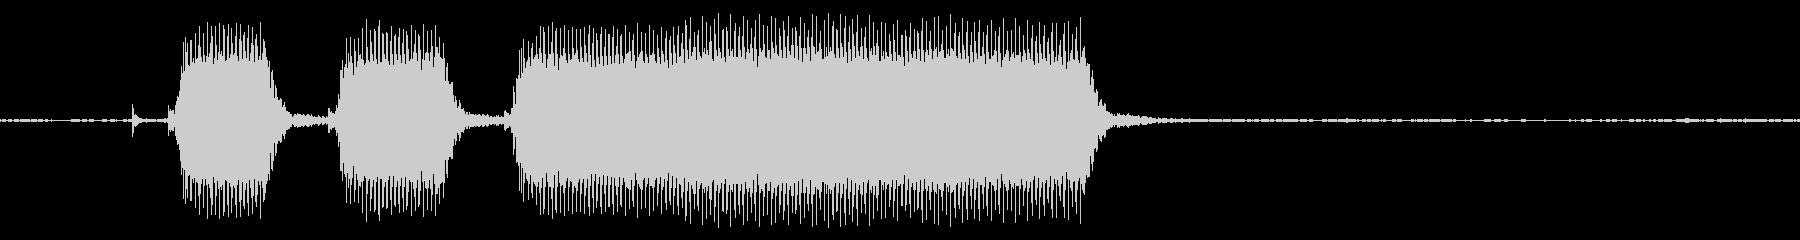 レッカー車:インテリアの観点から、...の未再生の波形